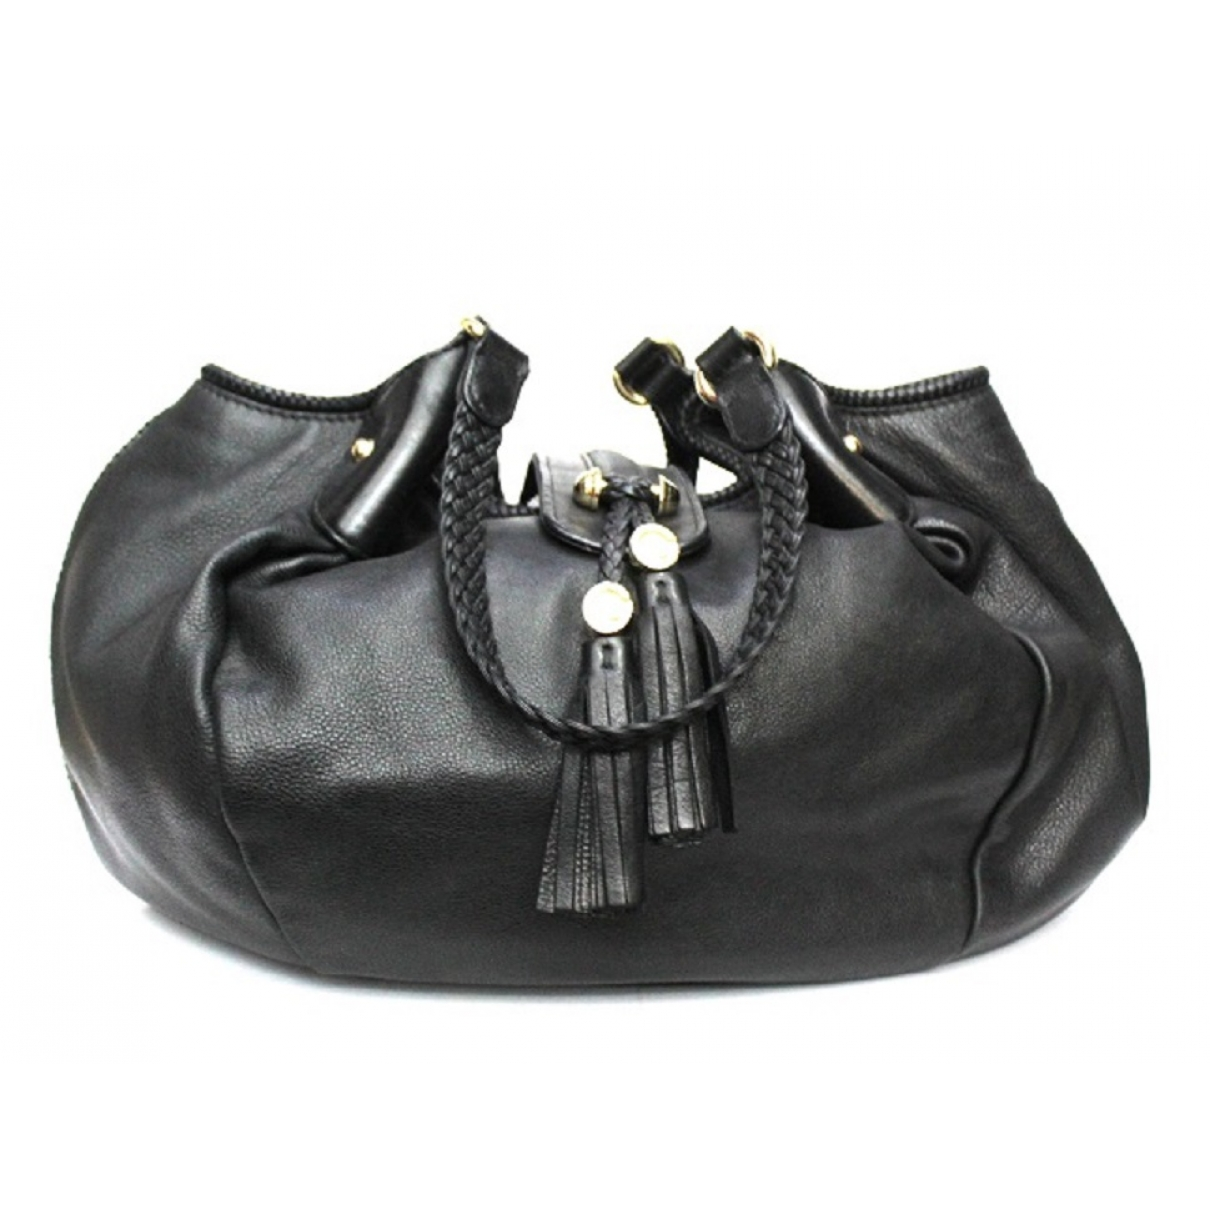 Gucci \N Black Leather handbag for Women \N